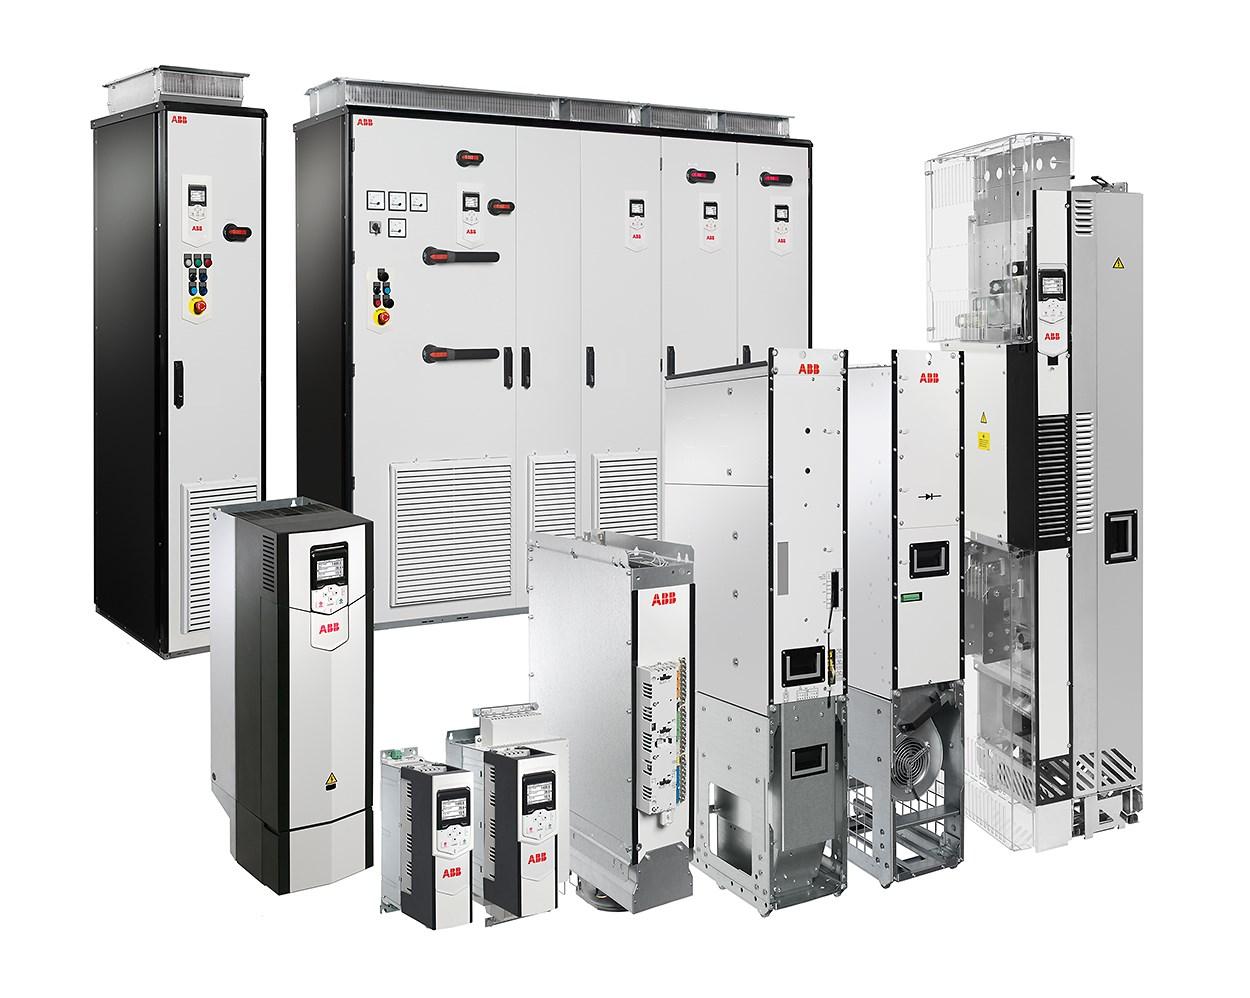 Die flexible Programmierung und Konnektivität mit allen Motoren und Steuerungen machen den ACS880 zur optimalen Lösung für verschiedene Anwendungen - von Regalbediengeräten, Metallpressen, Sortier- und Verpackungslinien, Drehtischen bis hin zu Schneidsystemen.